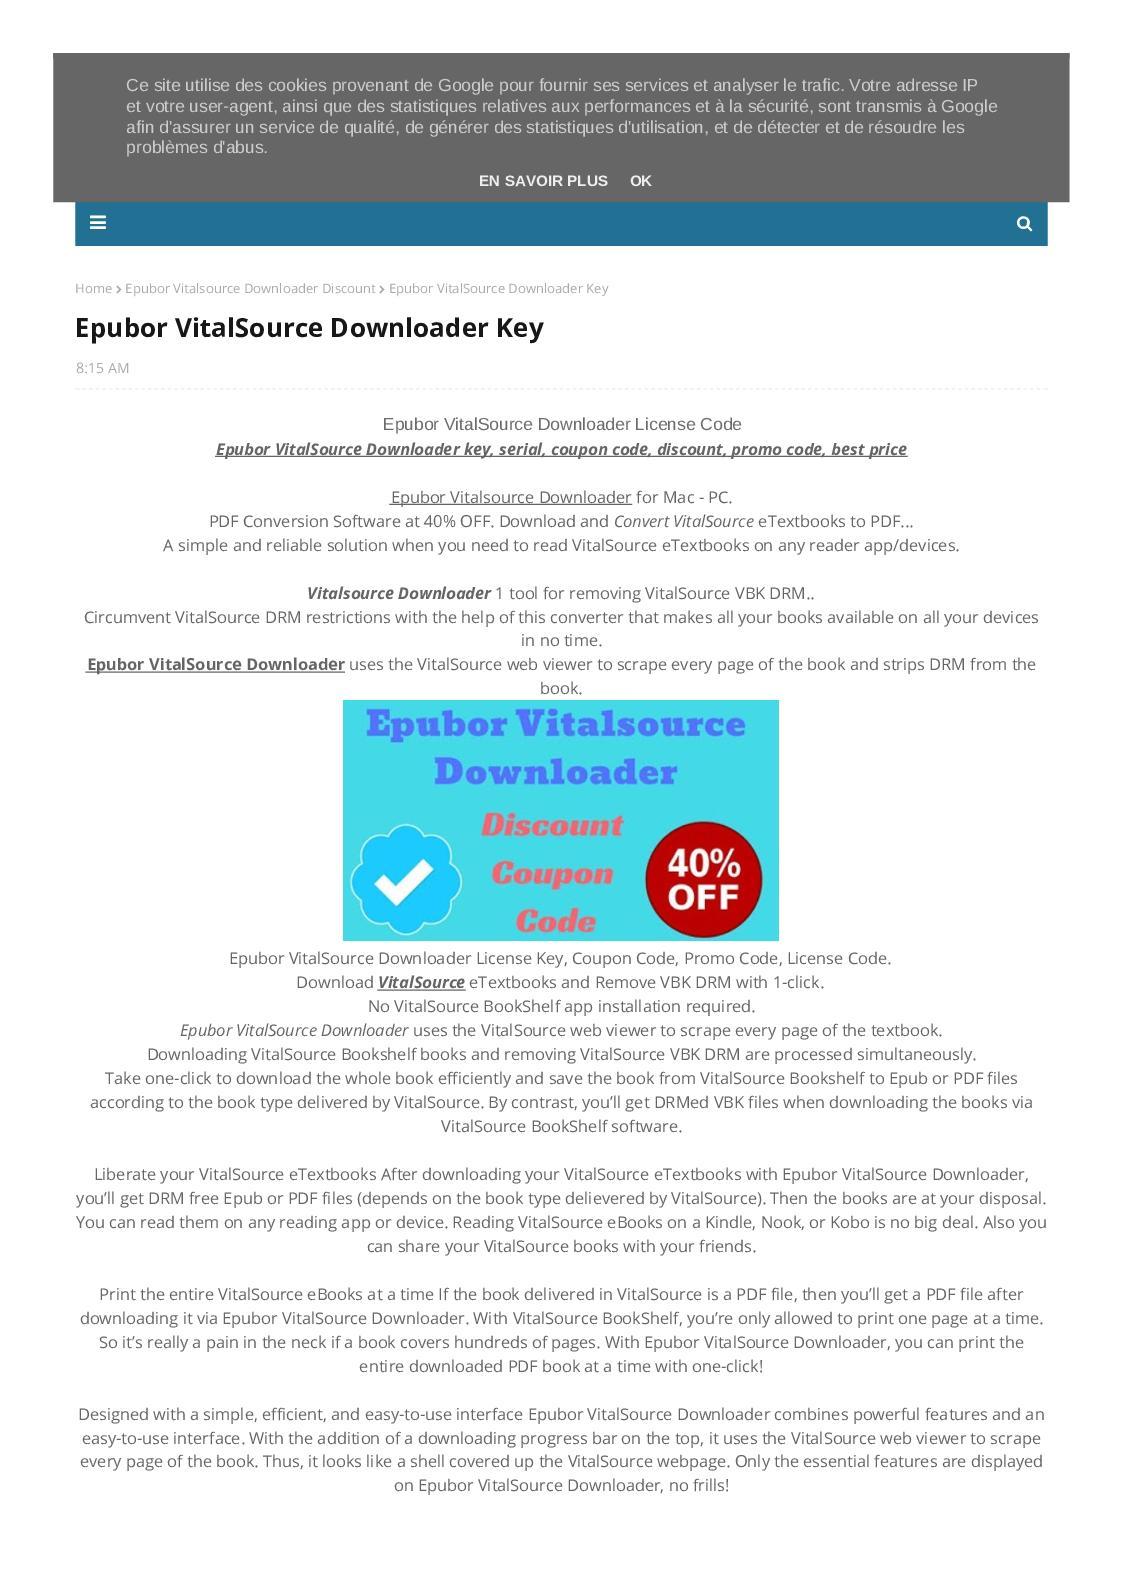 Calaméo - 40% OFF Epubor VitalSource Downloader Coupon